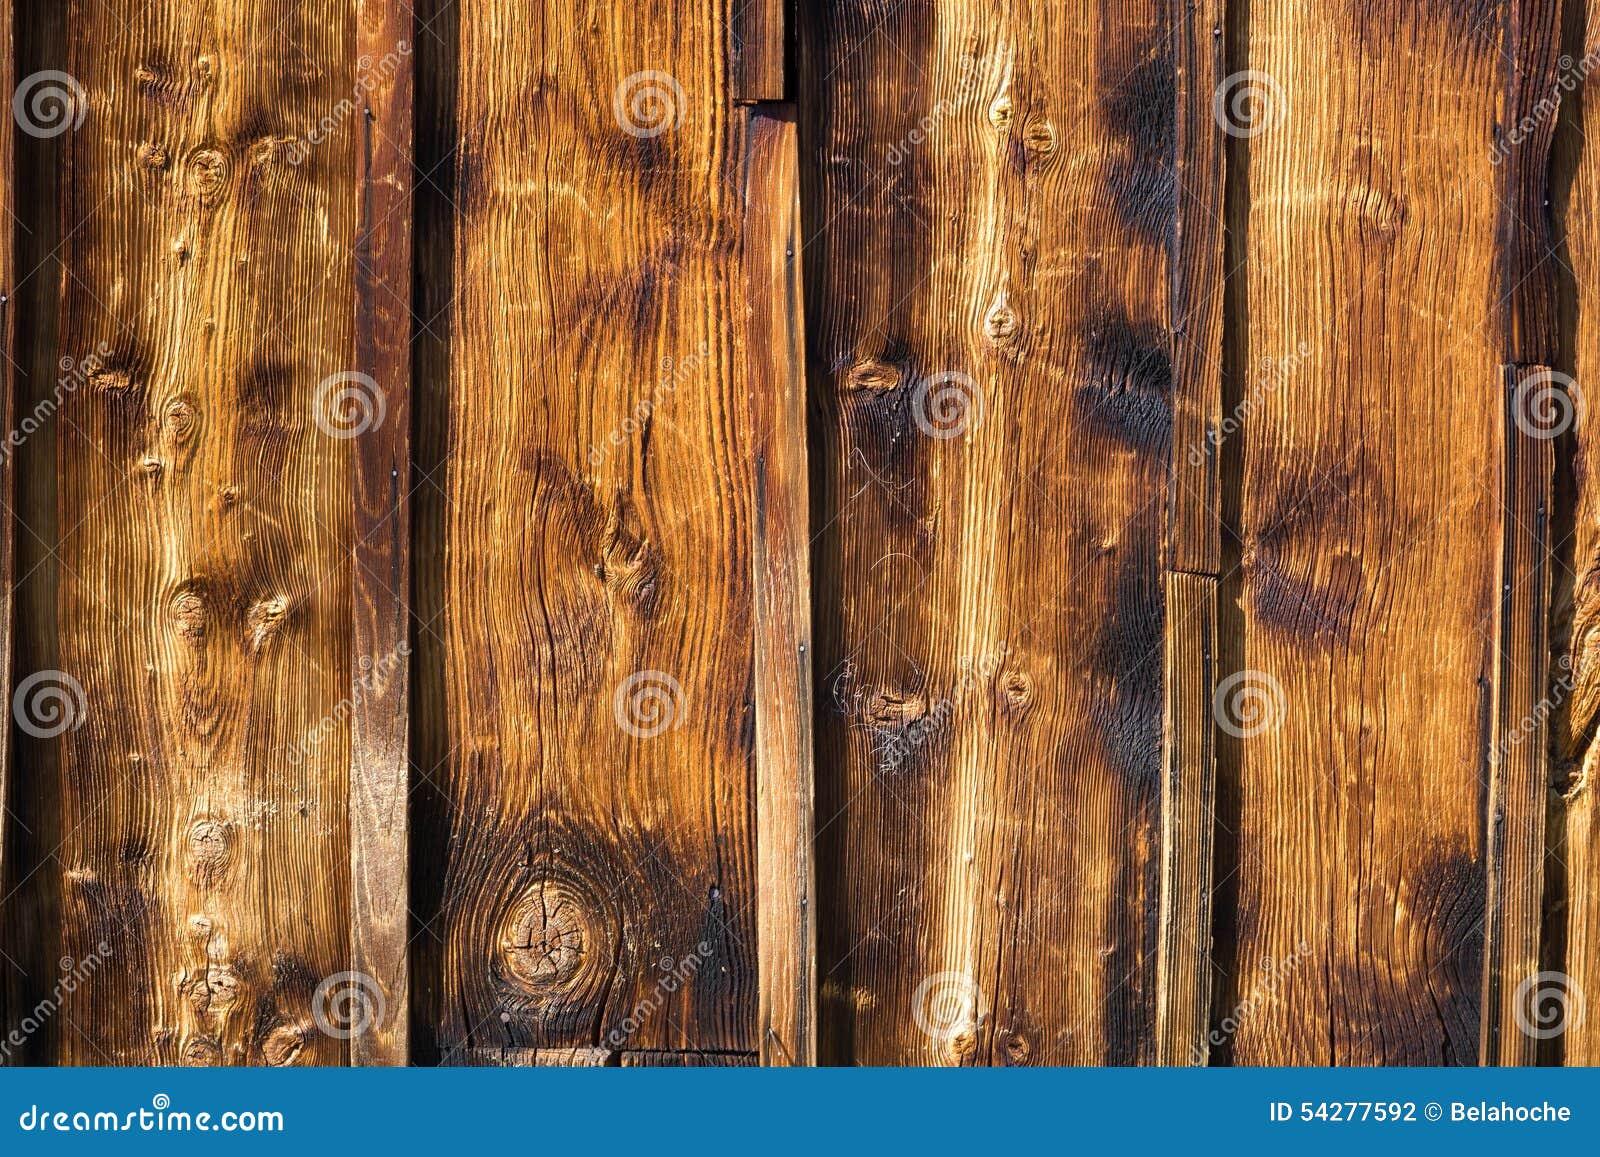 Pared r stica de madera exterior cubierta con el - Pared de madera ...